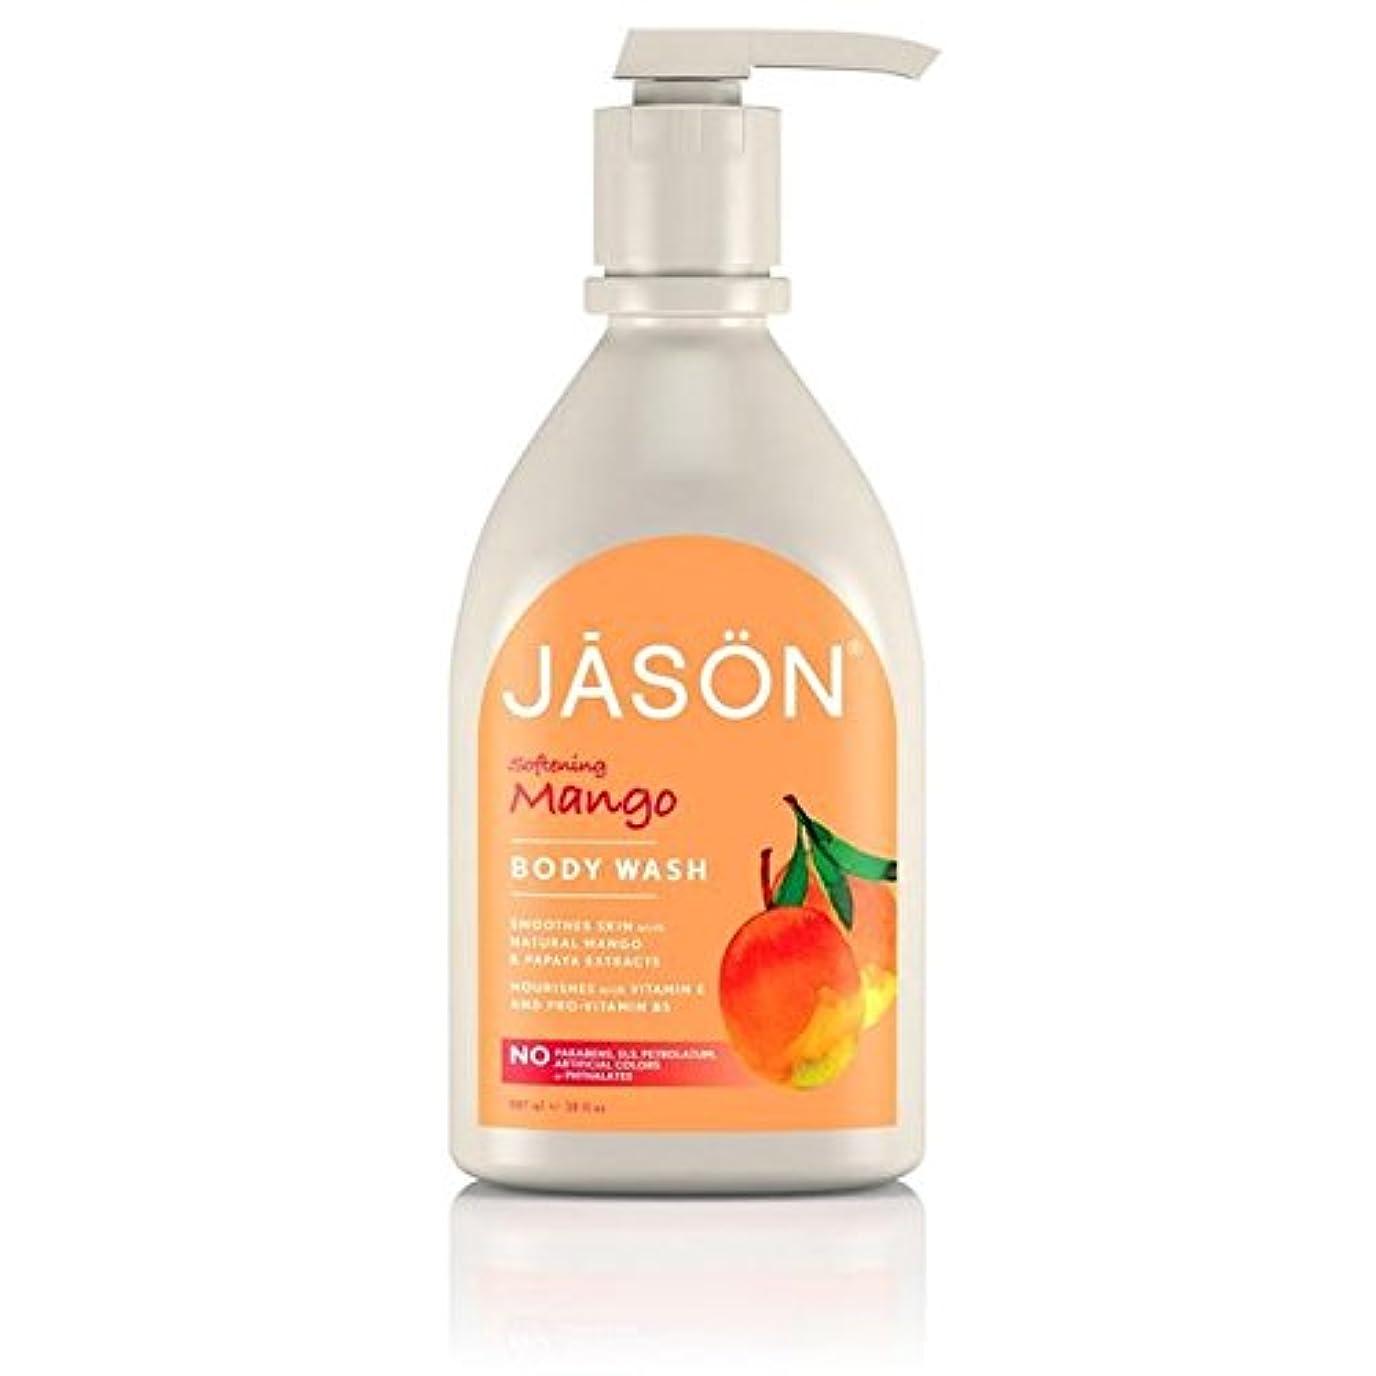 スピーチジャム岩ジェイソン?マンゴーサテンボディウォッシュポンプ900ミリリットル x4 - Jason Mango Satin Body Wash Pump 900ml (Pack of 4) [並行輸入品]